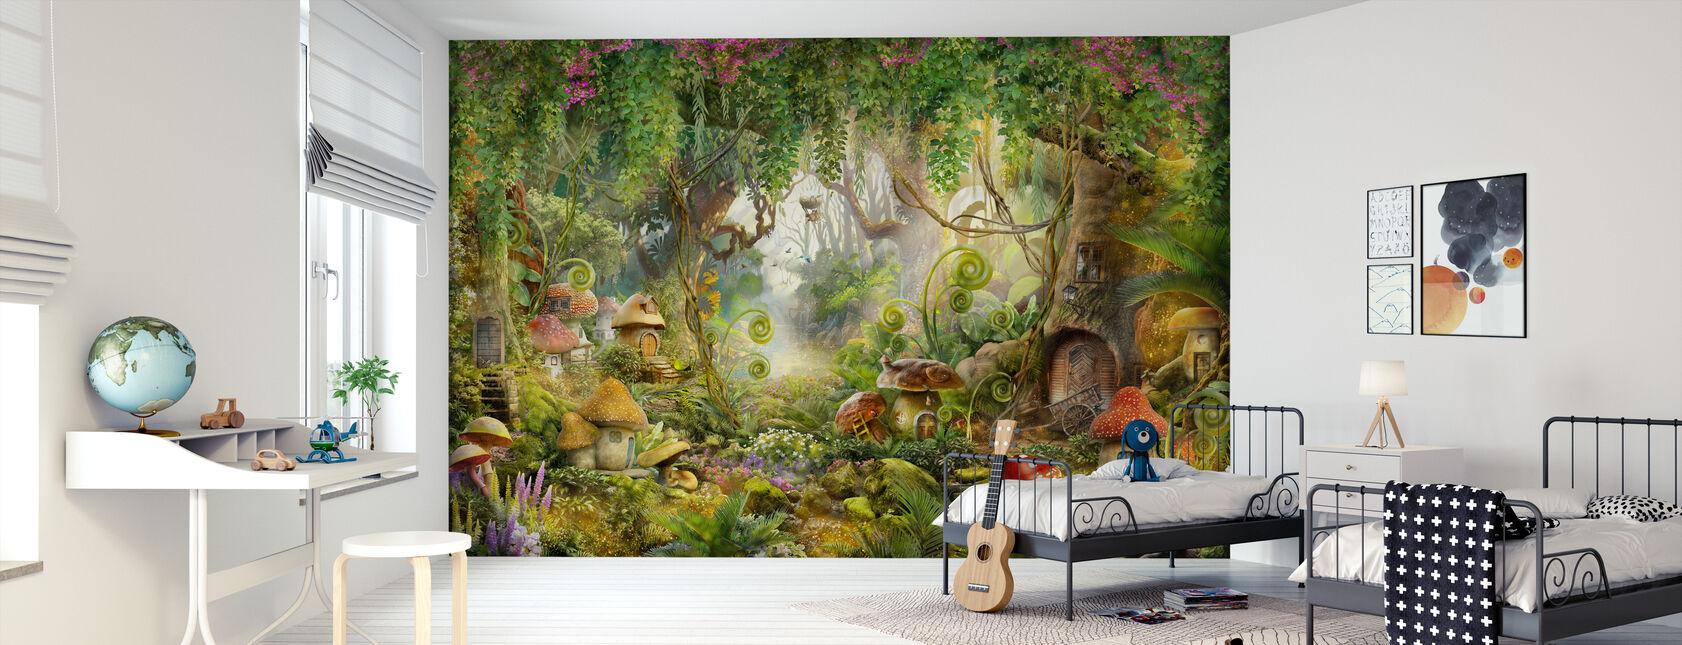 Mushroom Village - Wallpaper - Kids Room